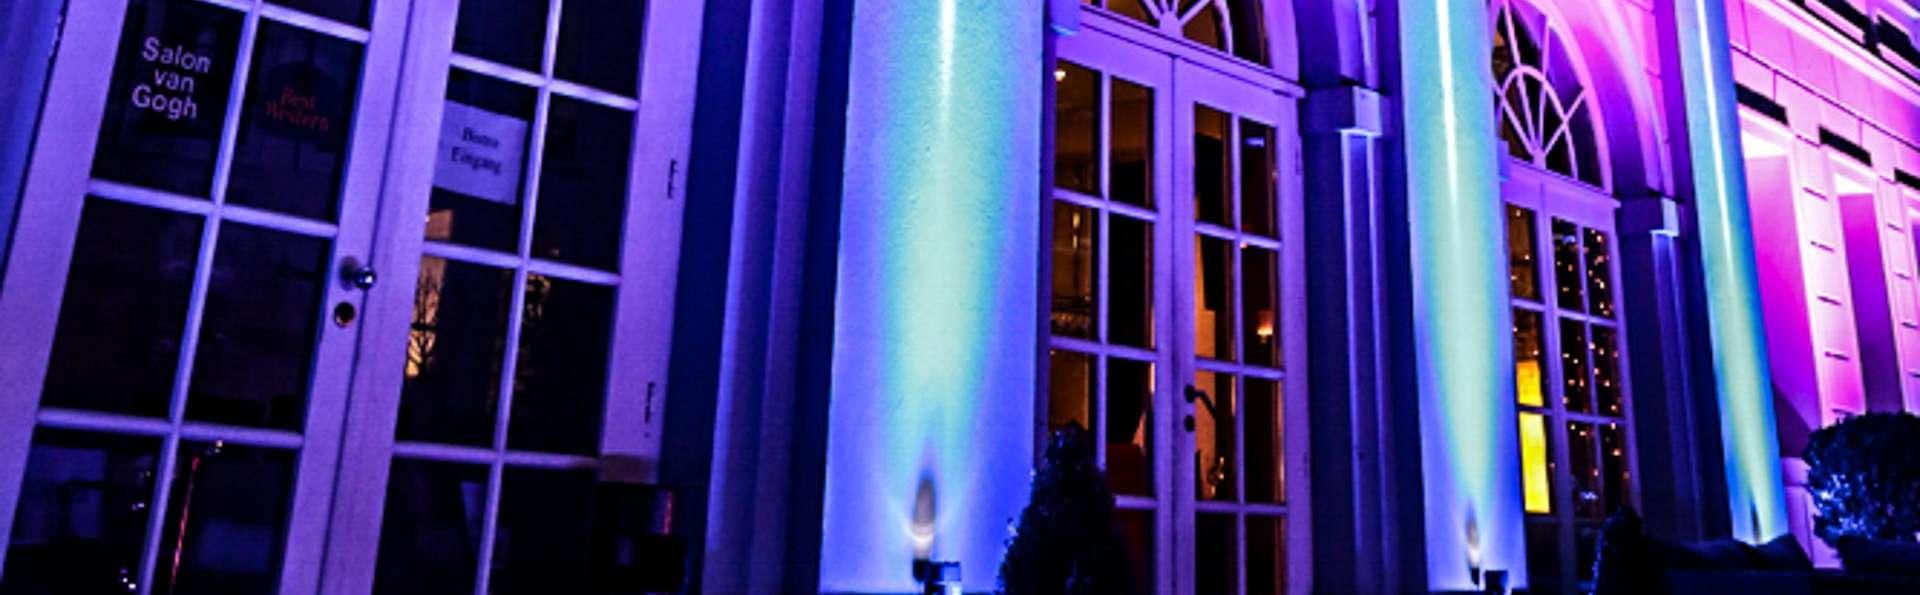 Best Western Hotel de Ville Eschweiler - EDIT_FRONT_01.jpg